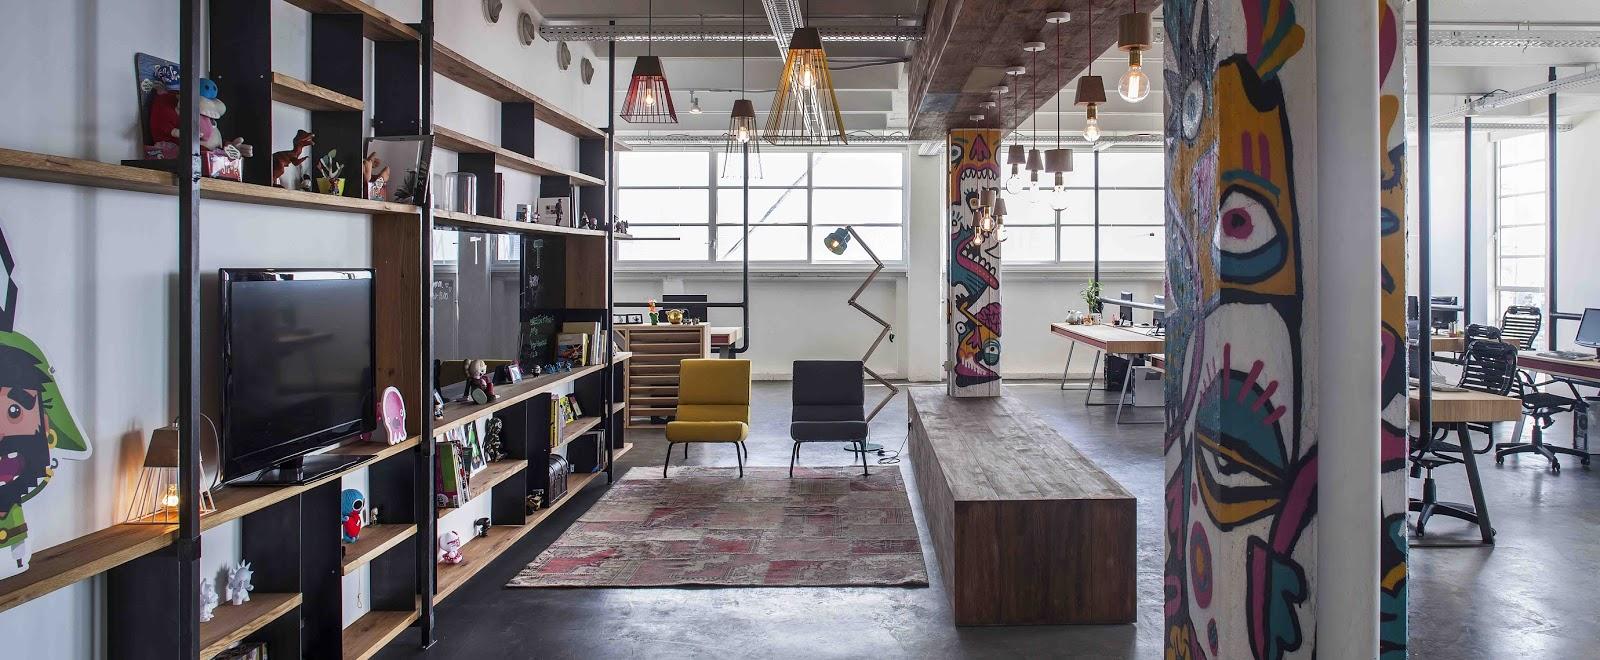 mobili in legno osb : il legno di quercia ferro e pannelli di legno osb